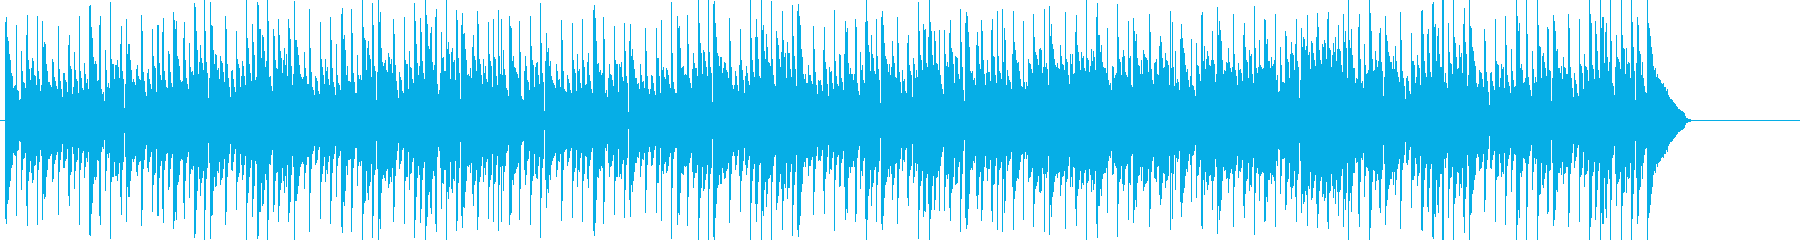 和楽器 ゆったり 旅 京都 ほのぼのの再生済みの波形